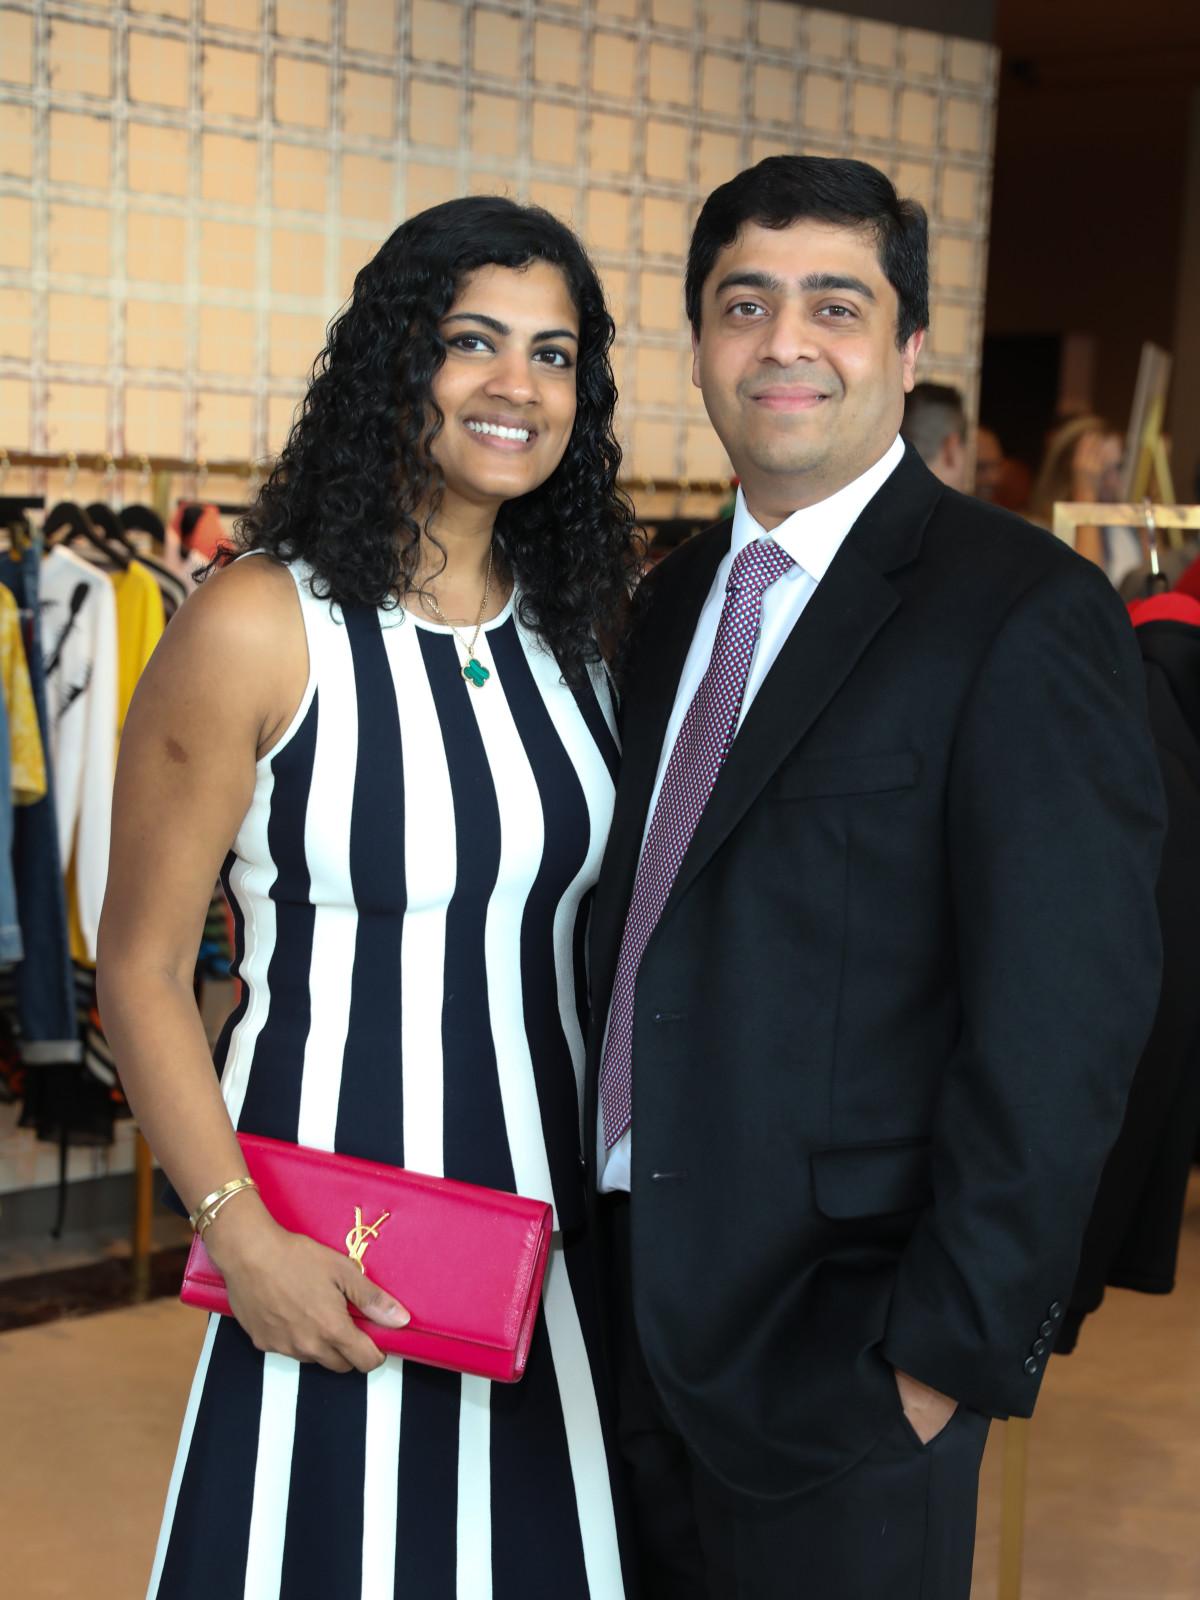 Ishwaria and Vivek Subbiah at Houston Grand Opera party at The Webster